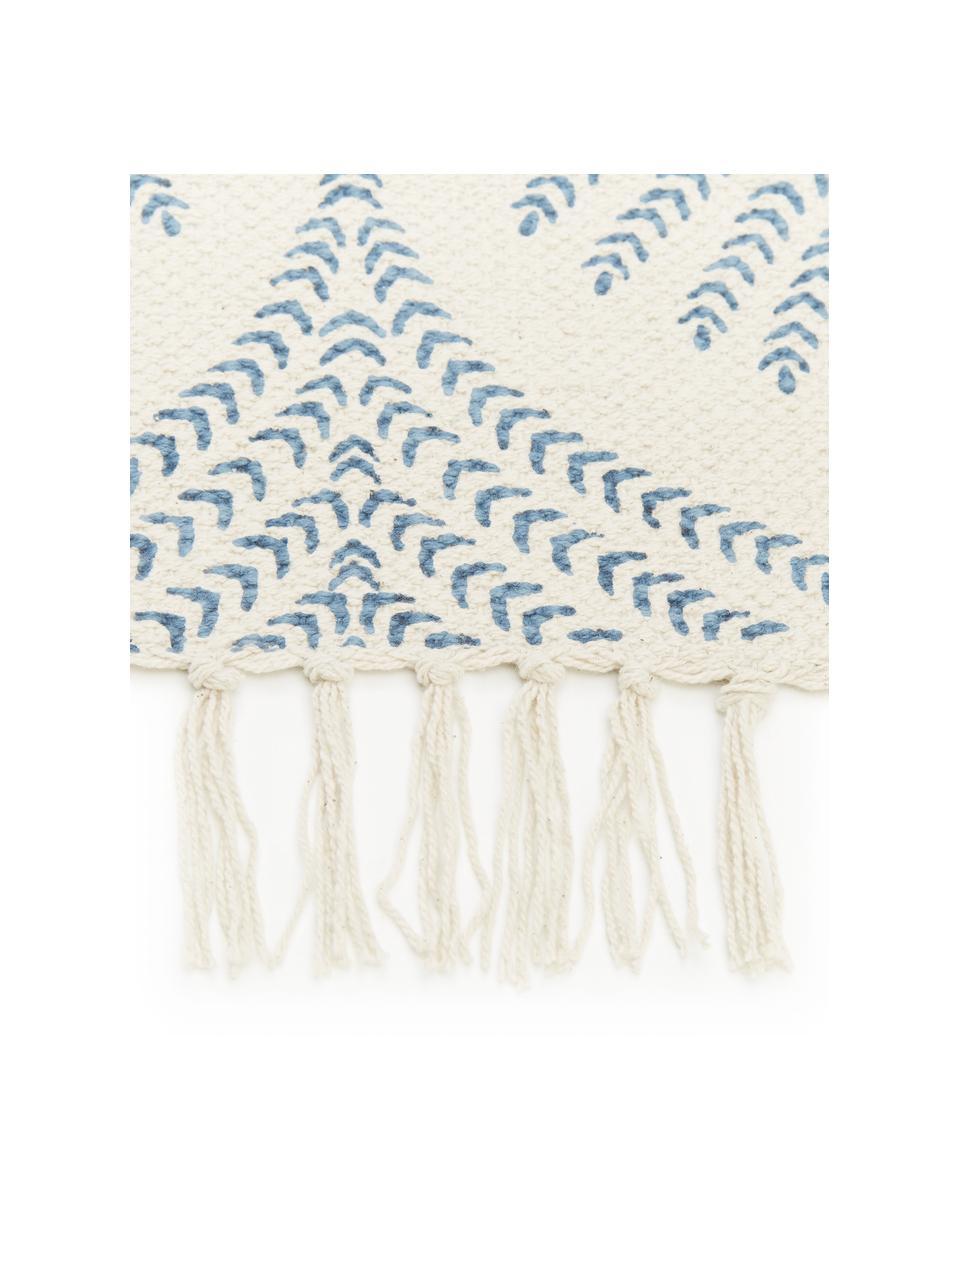 Vlak geweven katoenen vloerkleed Klara in beige/blauw, Beige, blauw, B 70 x L 140 cm (maat XS)